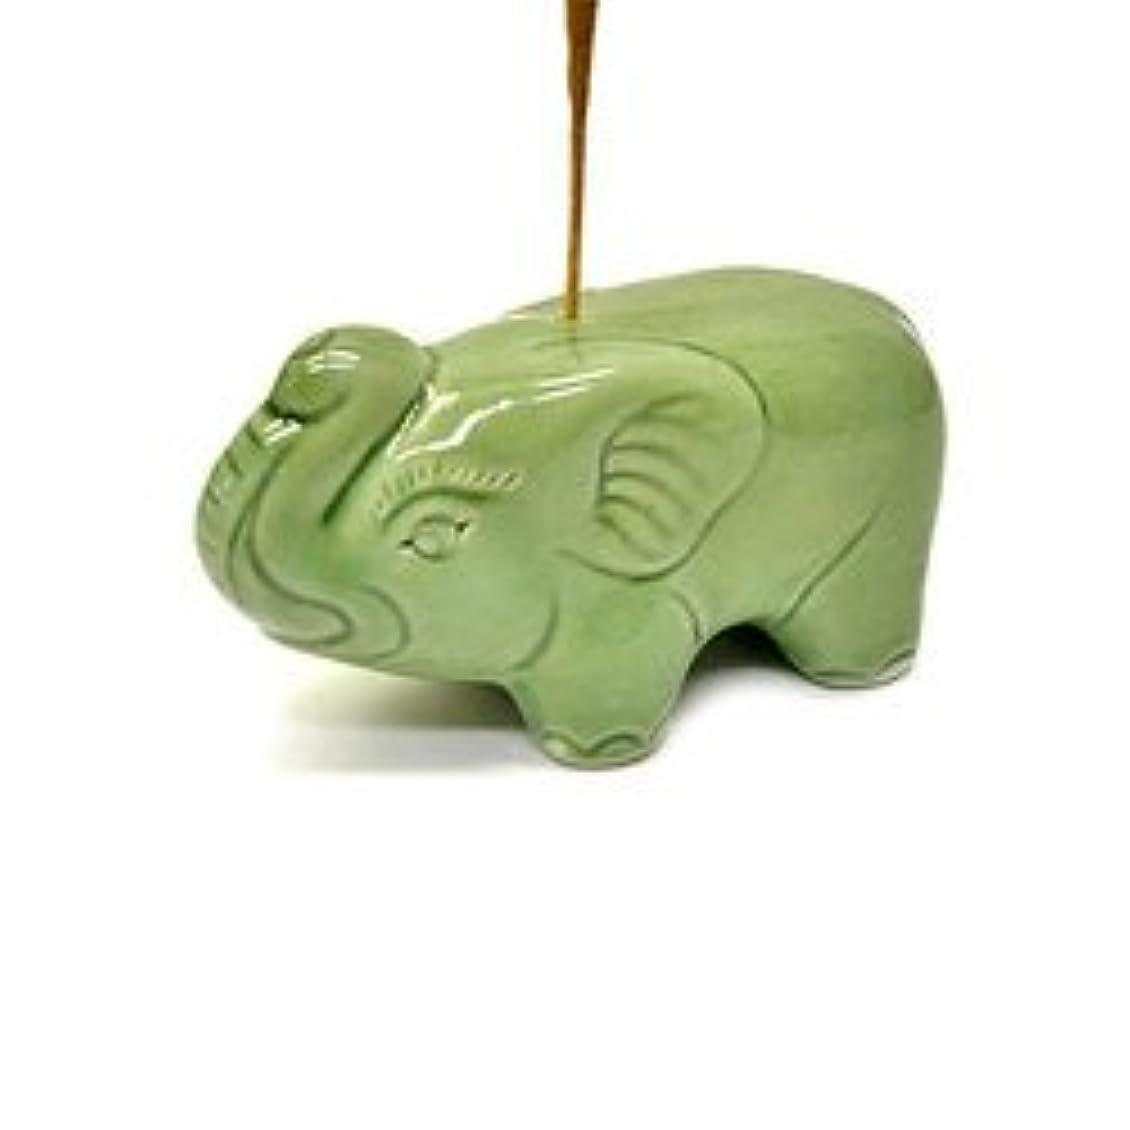 住人別の太平洋諸島象さんのお香立て <緑> インセンスホルダー/スティックタイプ用お香立て?お香たて アジアン雑貨